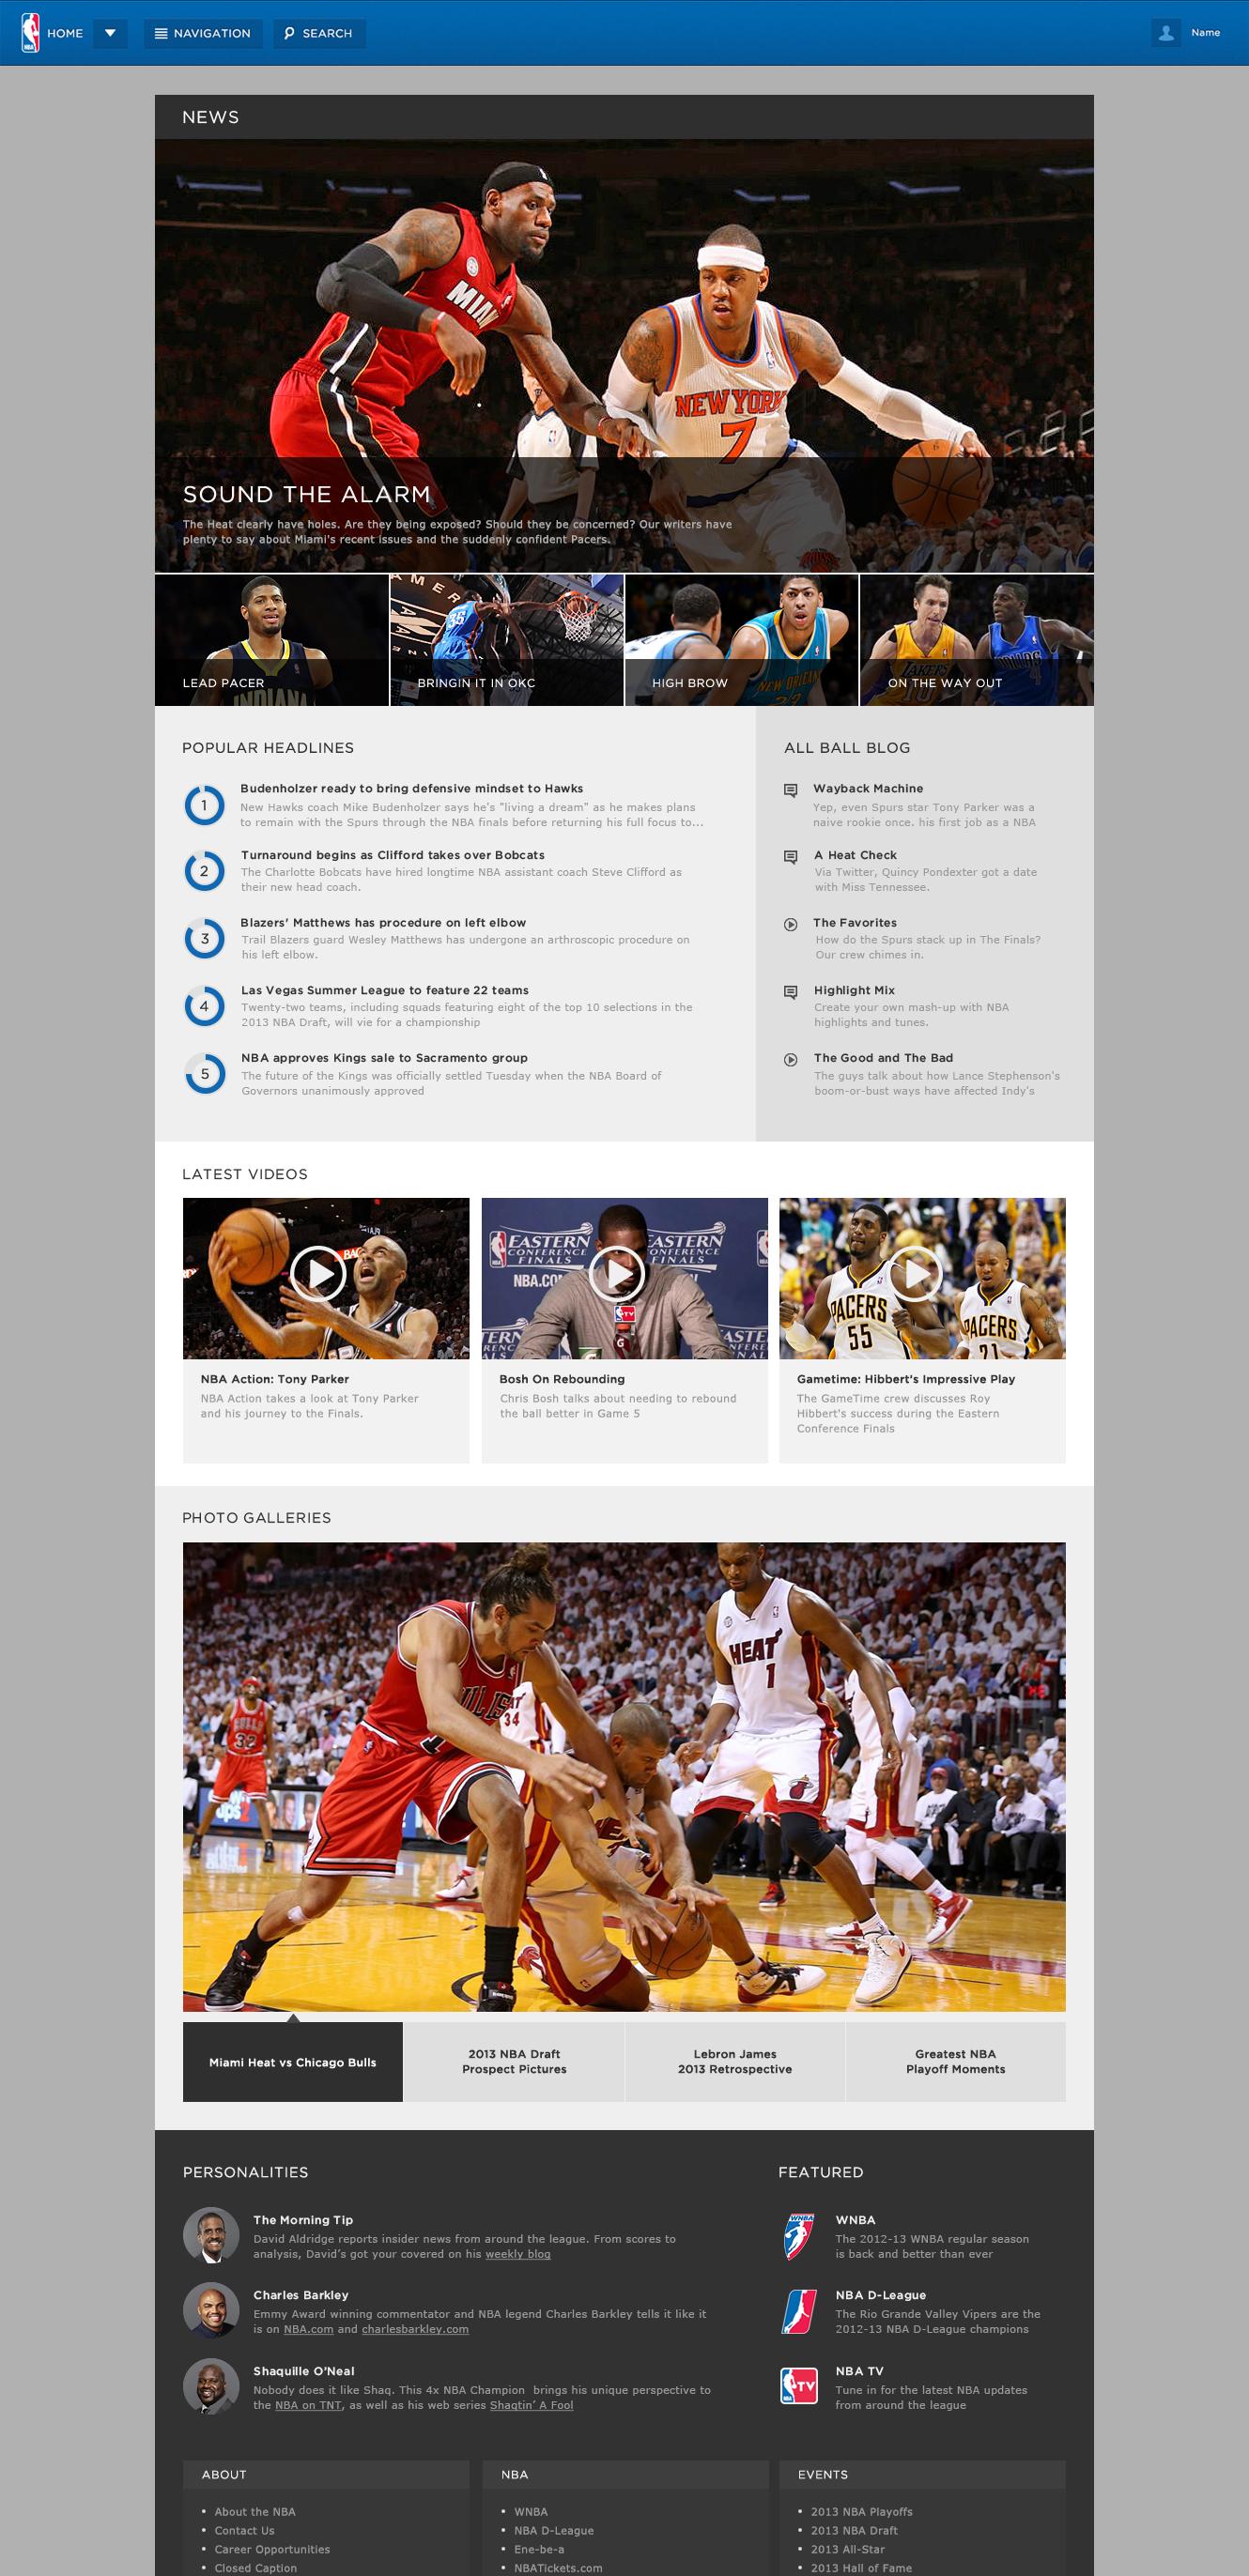 NBAcom_Redesign_NewsMain_V2.jpg